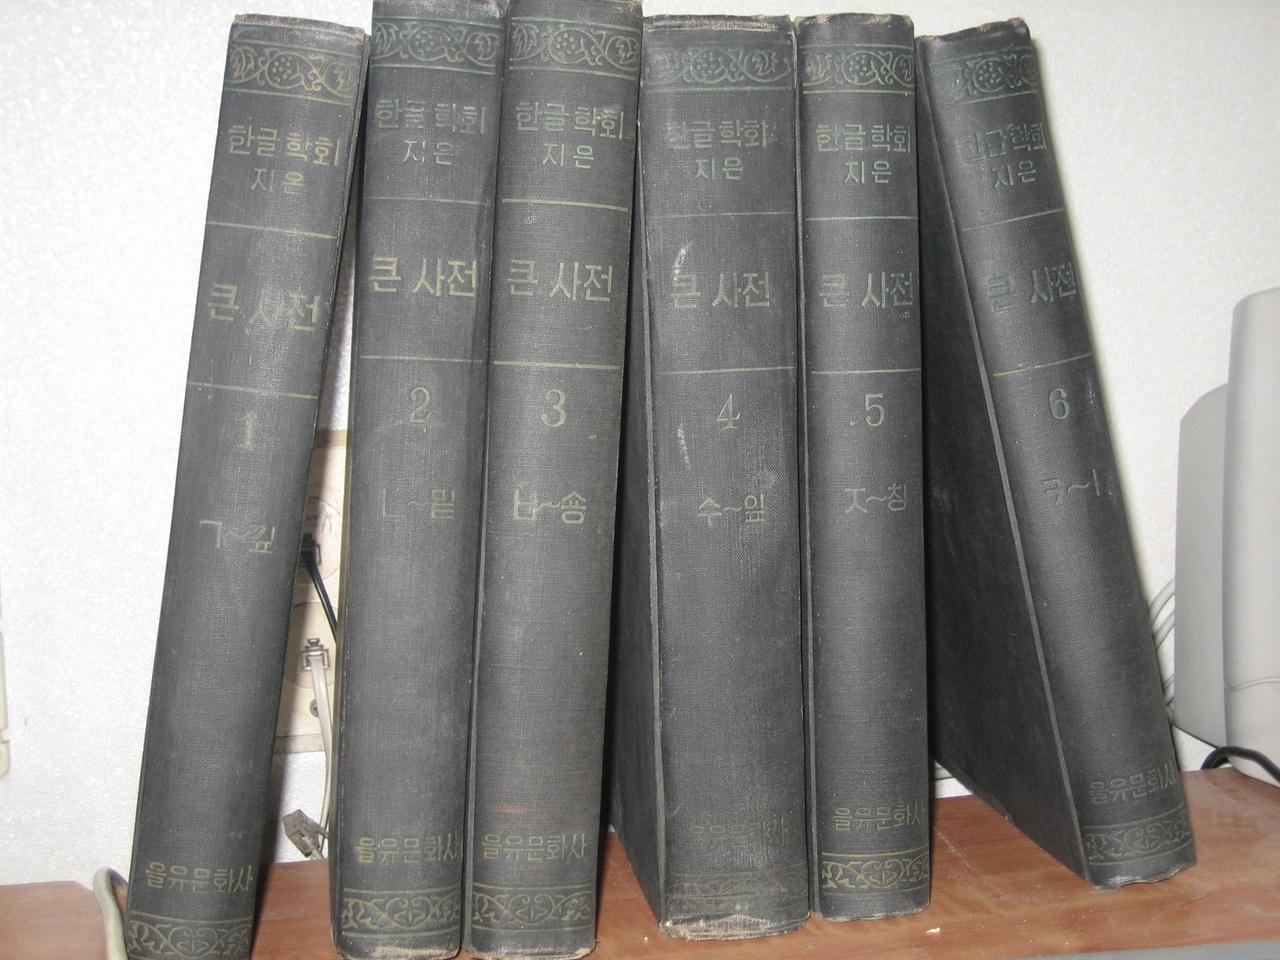 <조선말 큰사전>(1947∼1957) 총 6권의 모습  <조선말 큰사전>